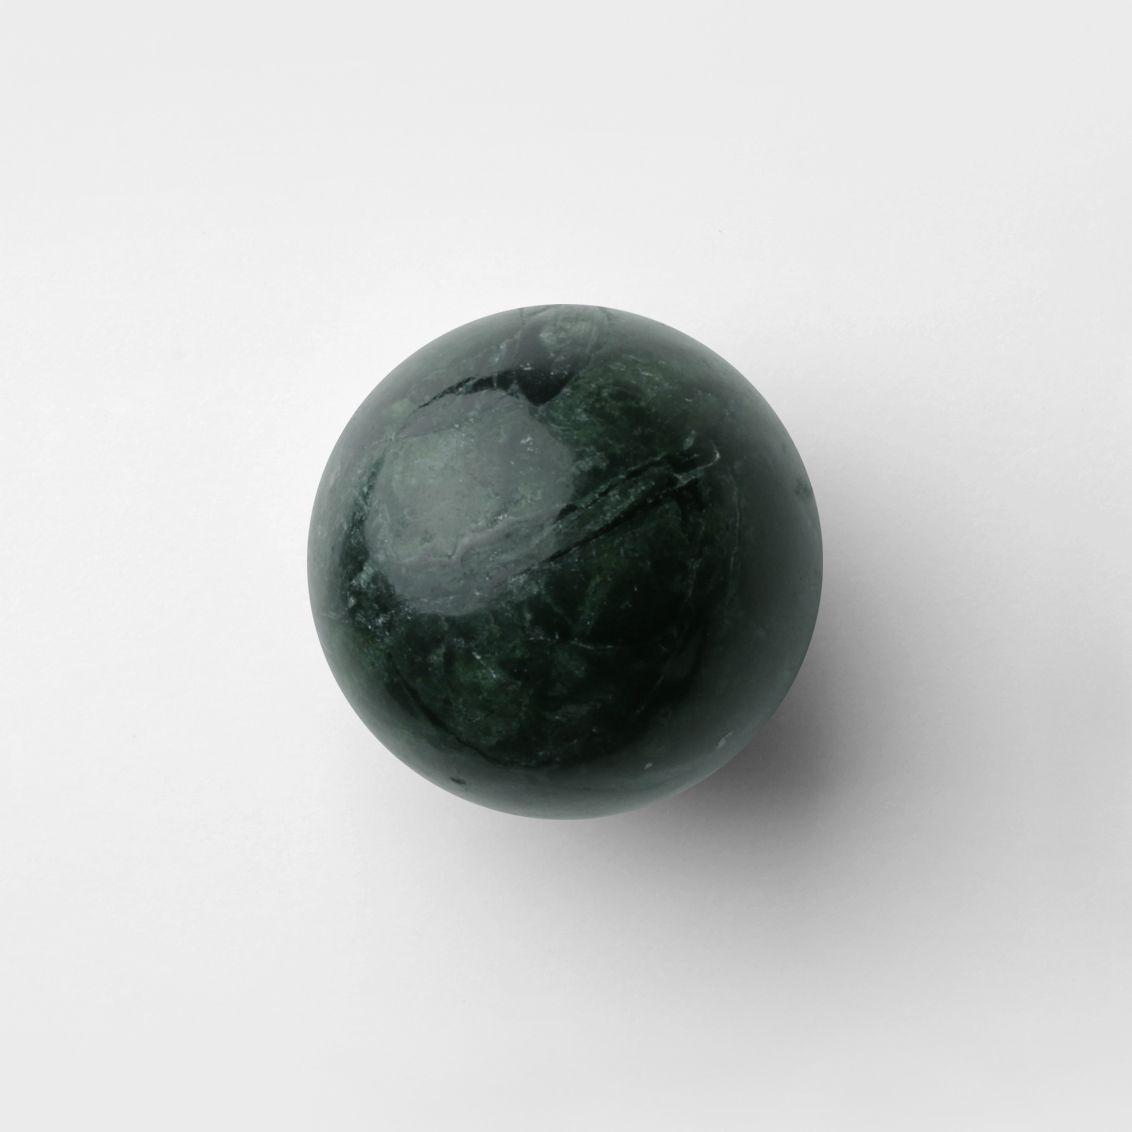 Deurknop voor ikea keukenkastjes Balls